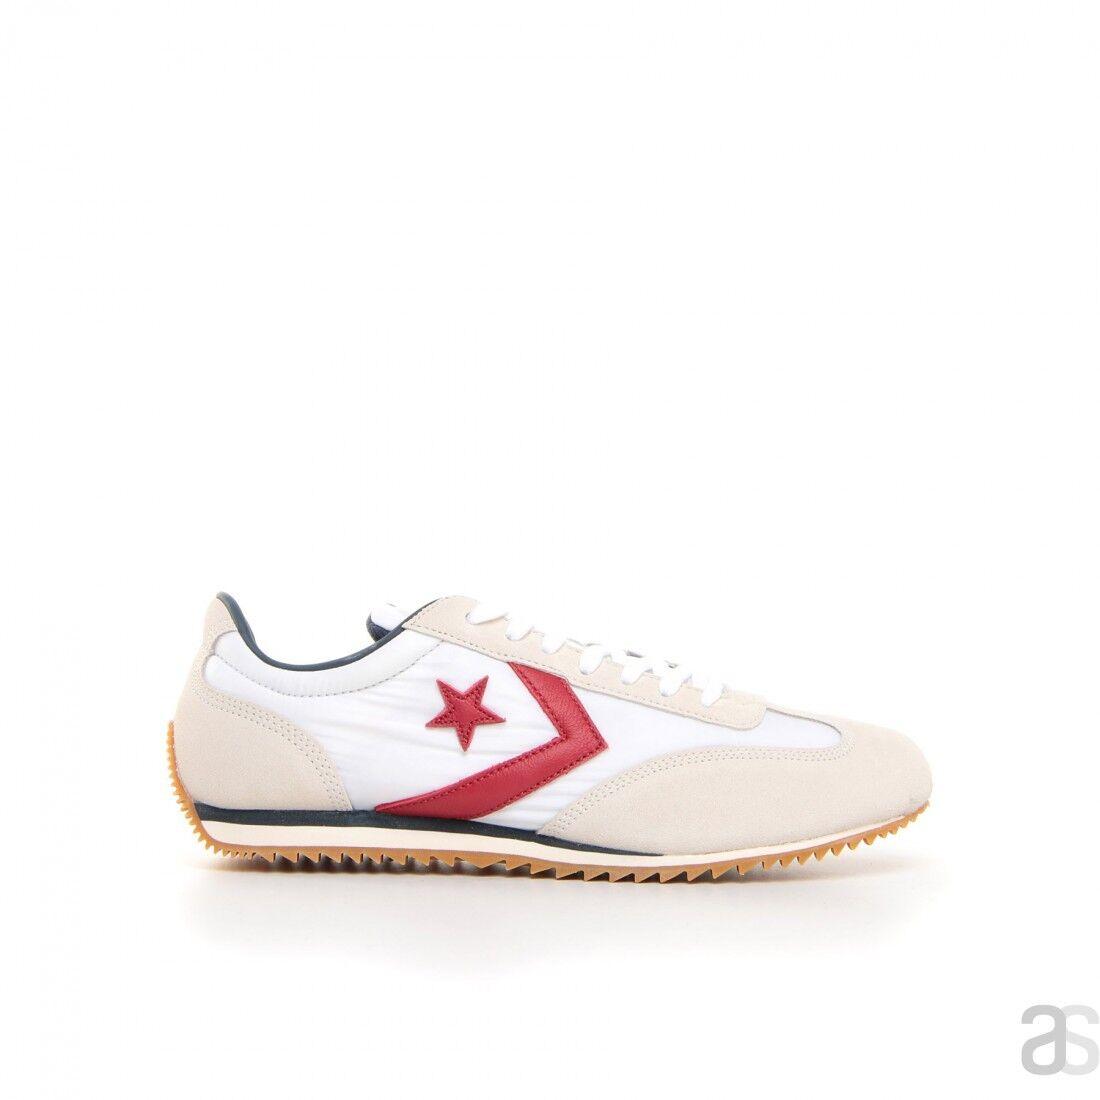 Scarpe sportive uomo CONVERSE TRAINER OX tela bianco e rosso 161233C | A Prezzo Ridotto  | Uomo/Donne Scarpa